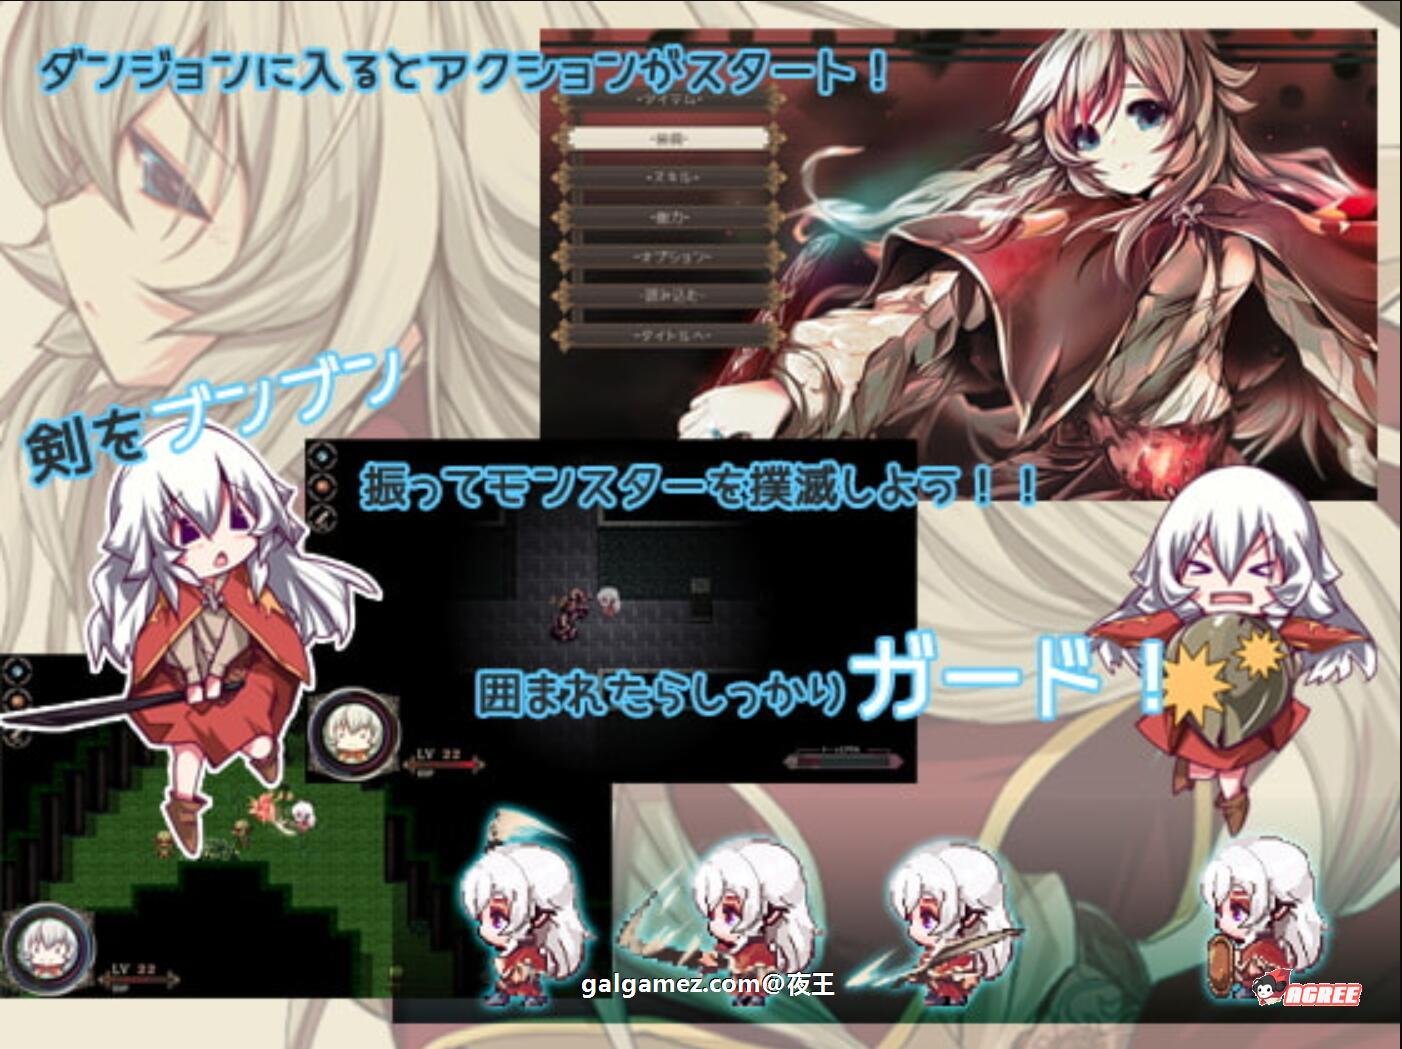 [大型ARPG/汉化]魔剑士埃菲里卡-另一个故事~云汉化版+CG[百度][2G] 3